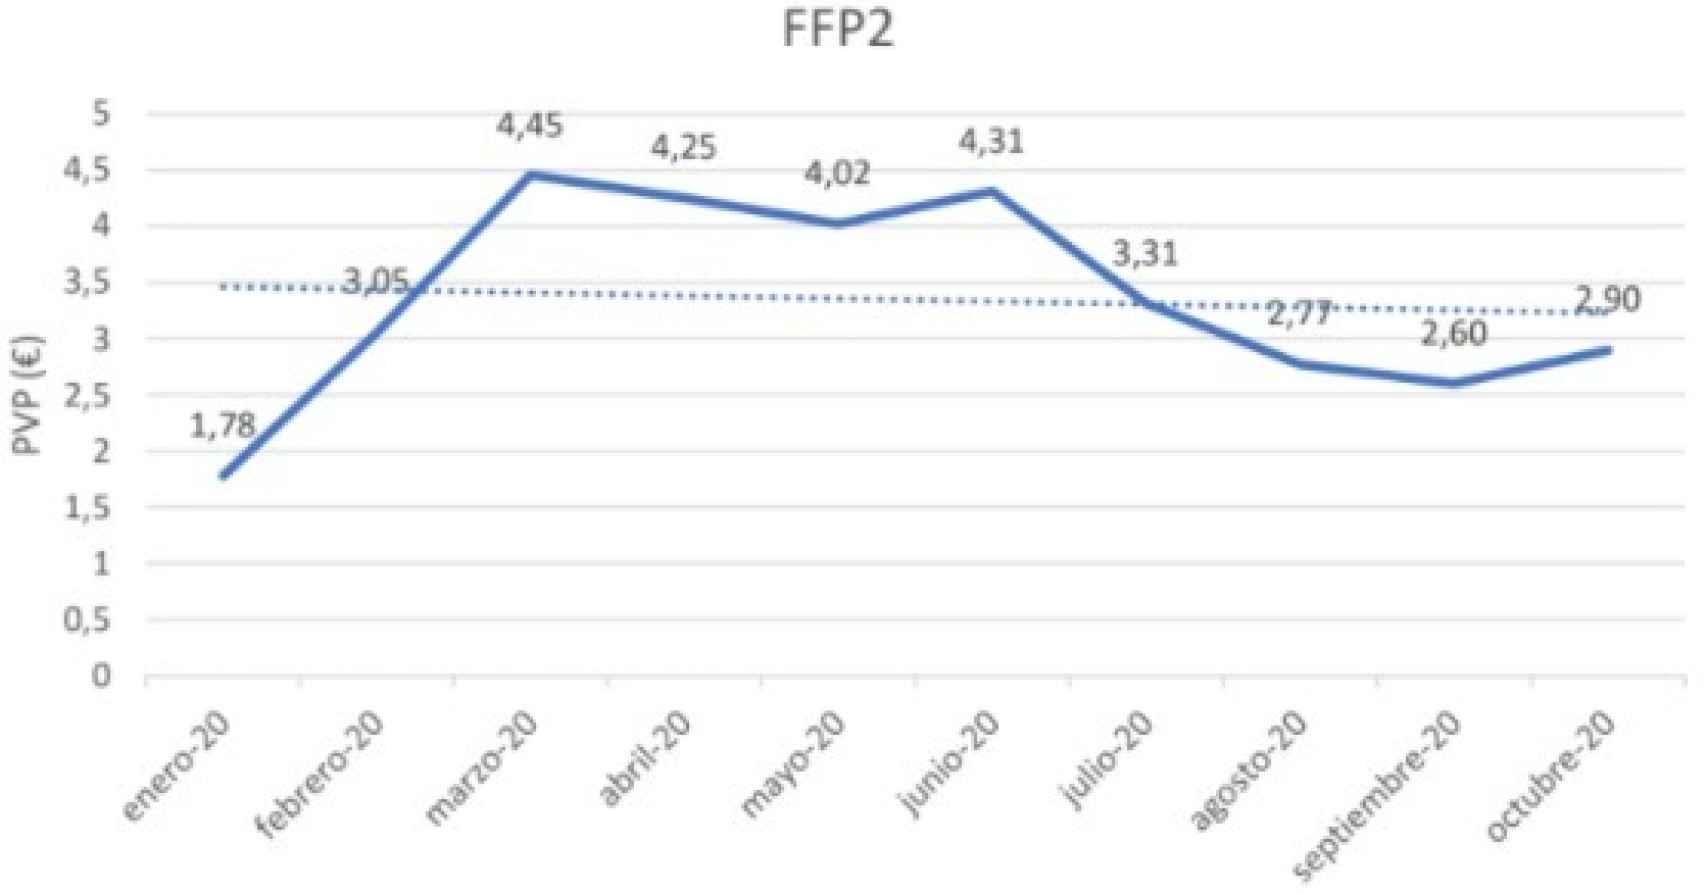 Precio medio de una mascarilla FFP2, en euros. Fuente: Iqvia.